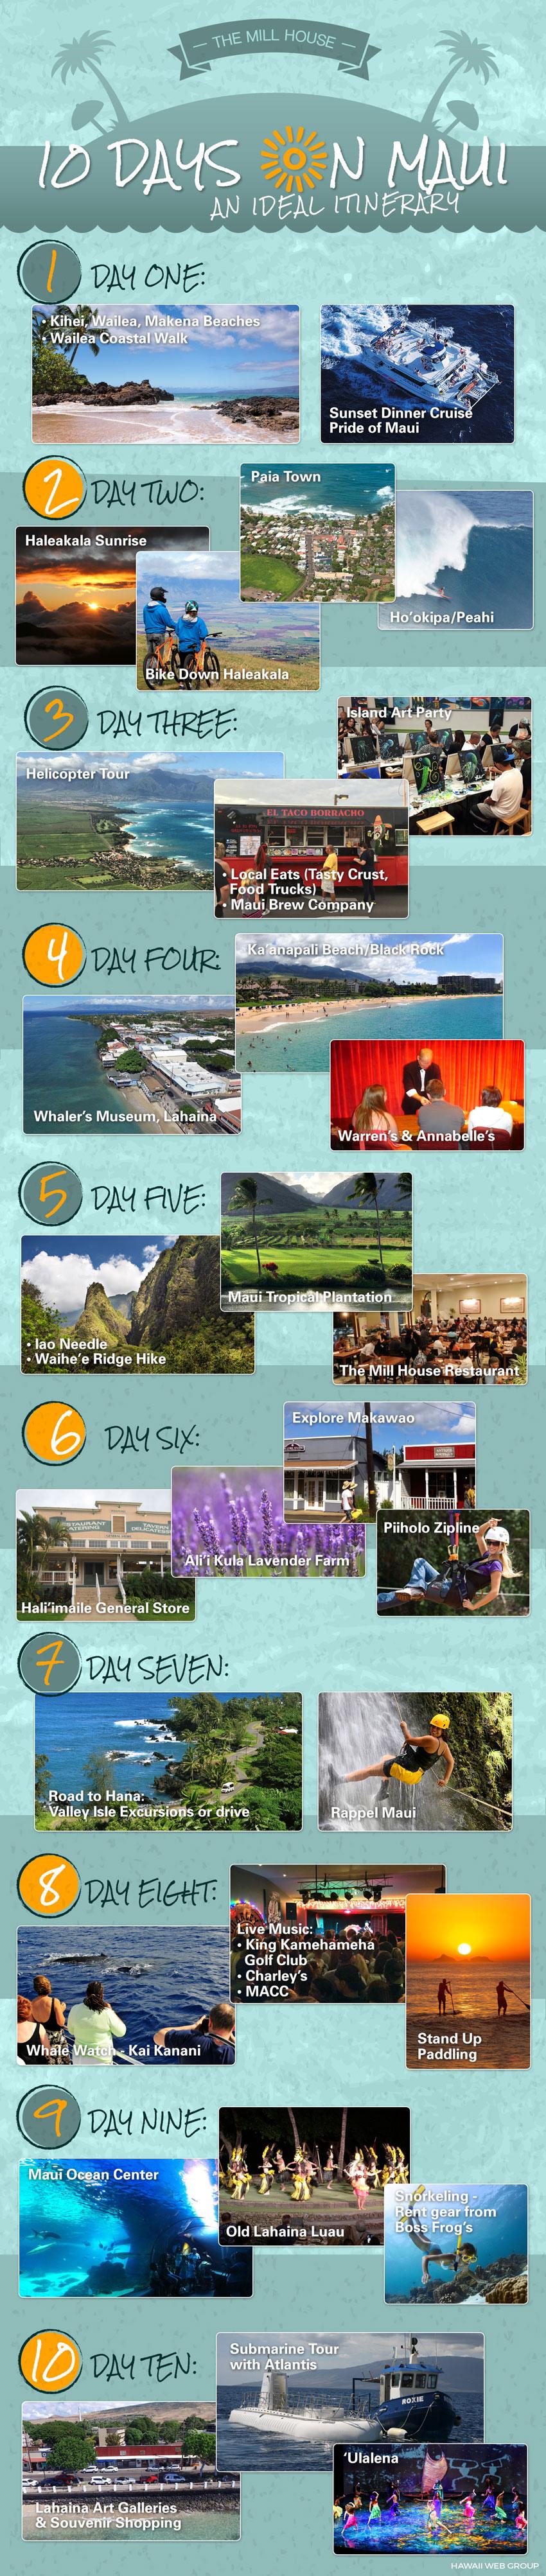 10 Days Maui itinerary